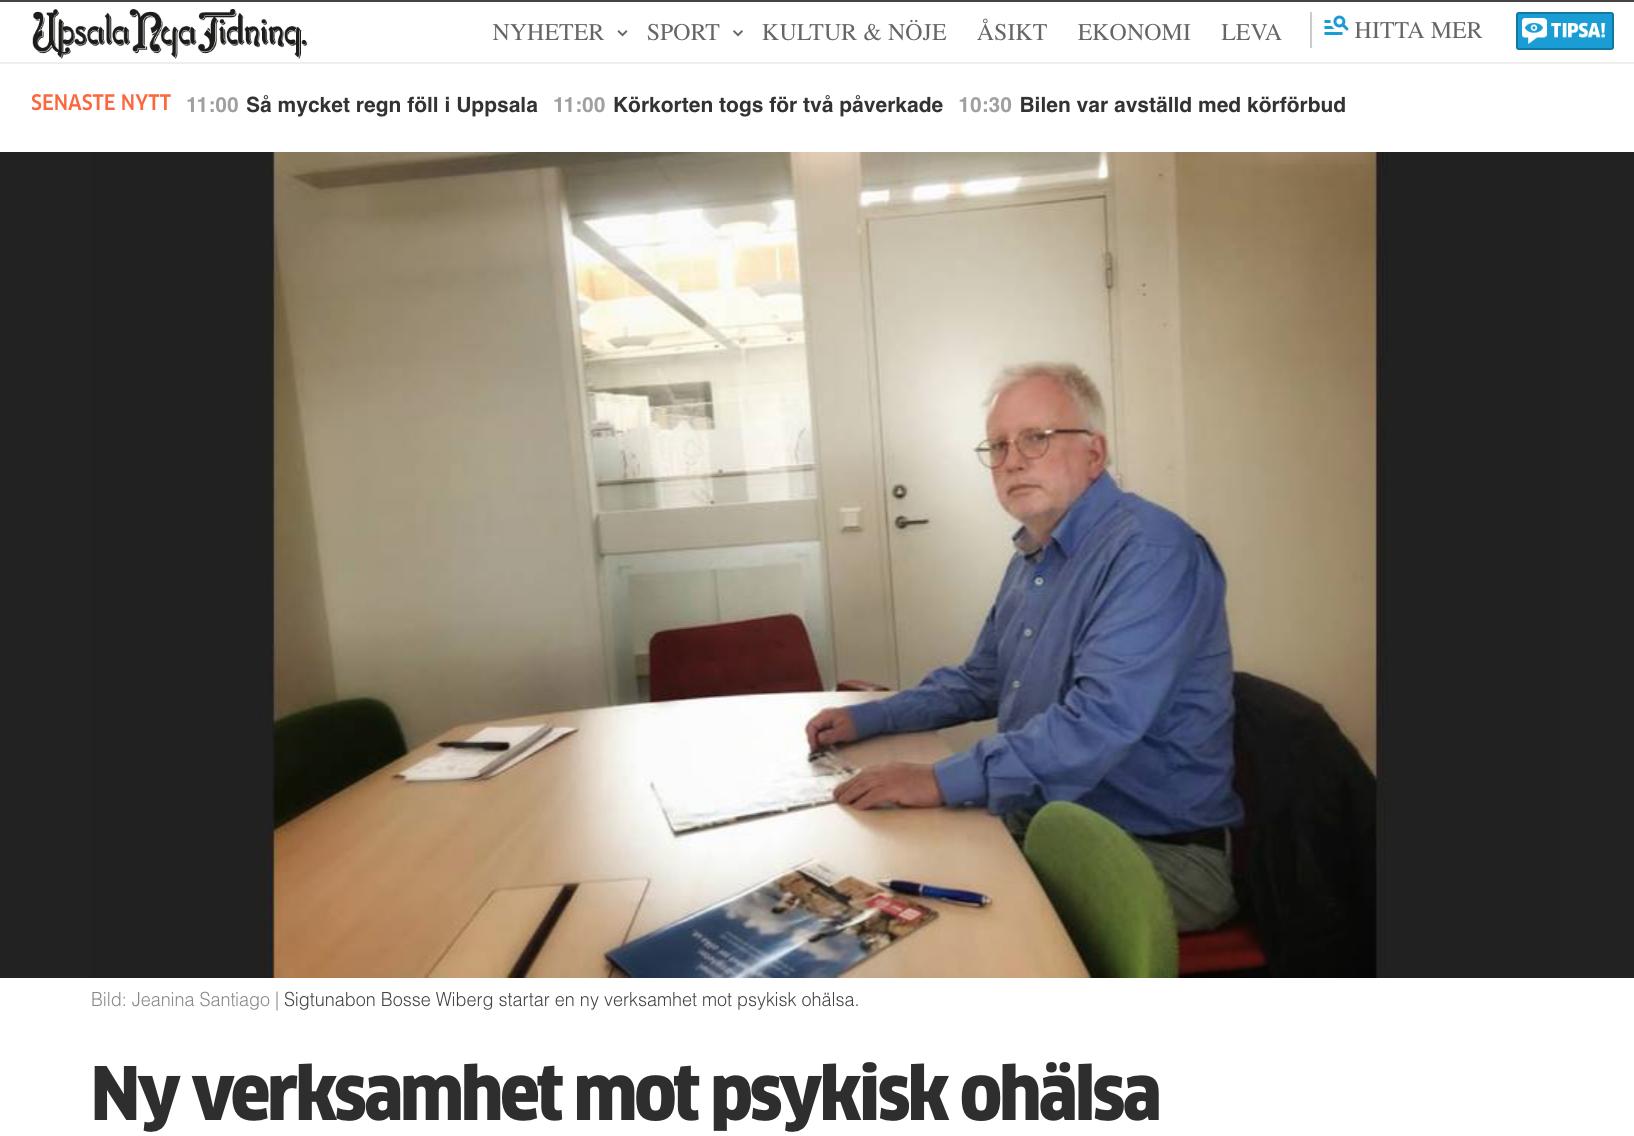 Artikel om Bosse Wiberg i Upsala Nya Tidning 190717